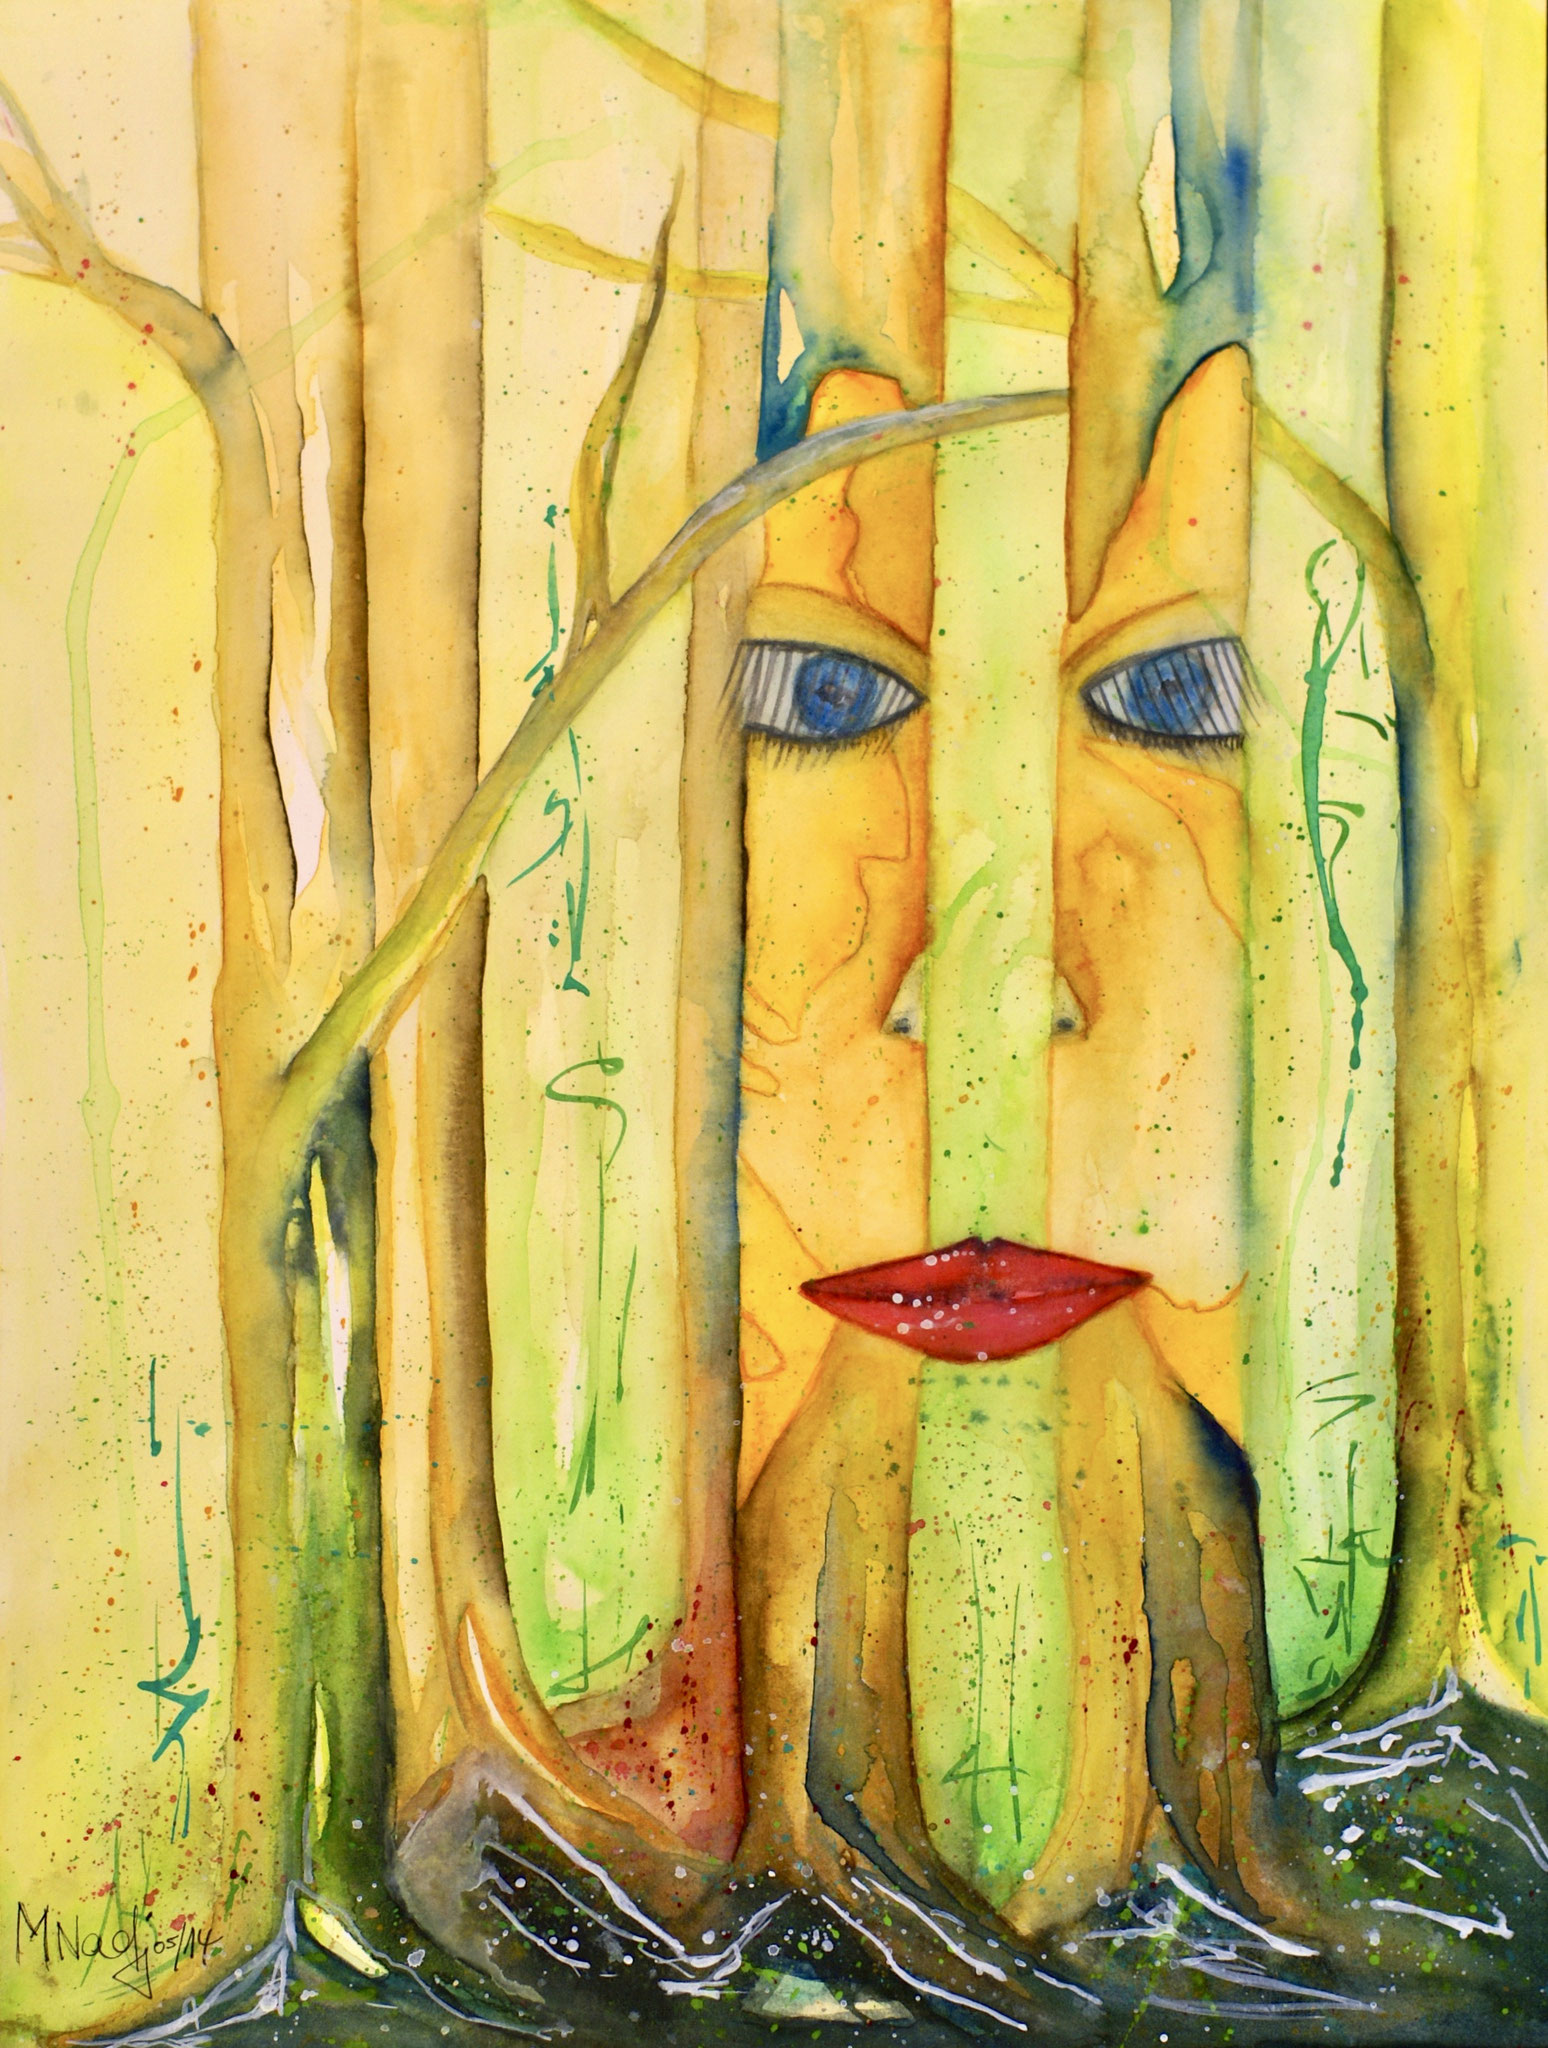 Waldgeist Aquarell 31X41cm Bild Nr.43 Preis auf Anfrage